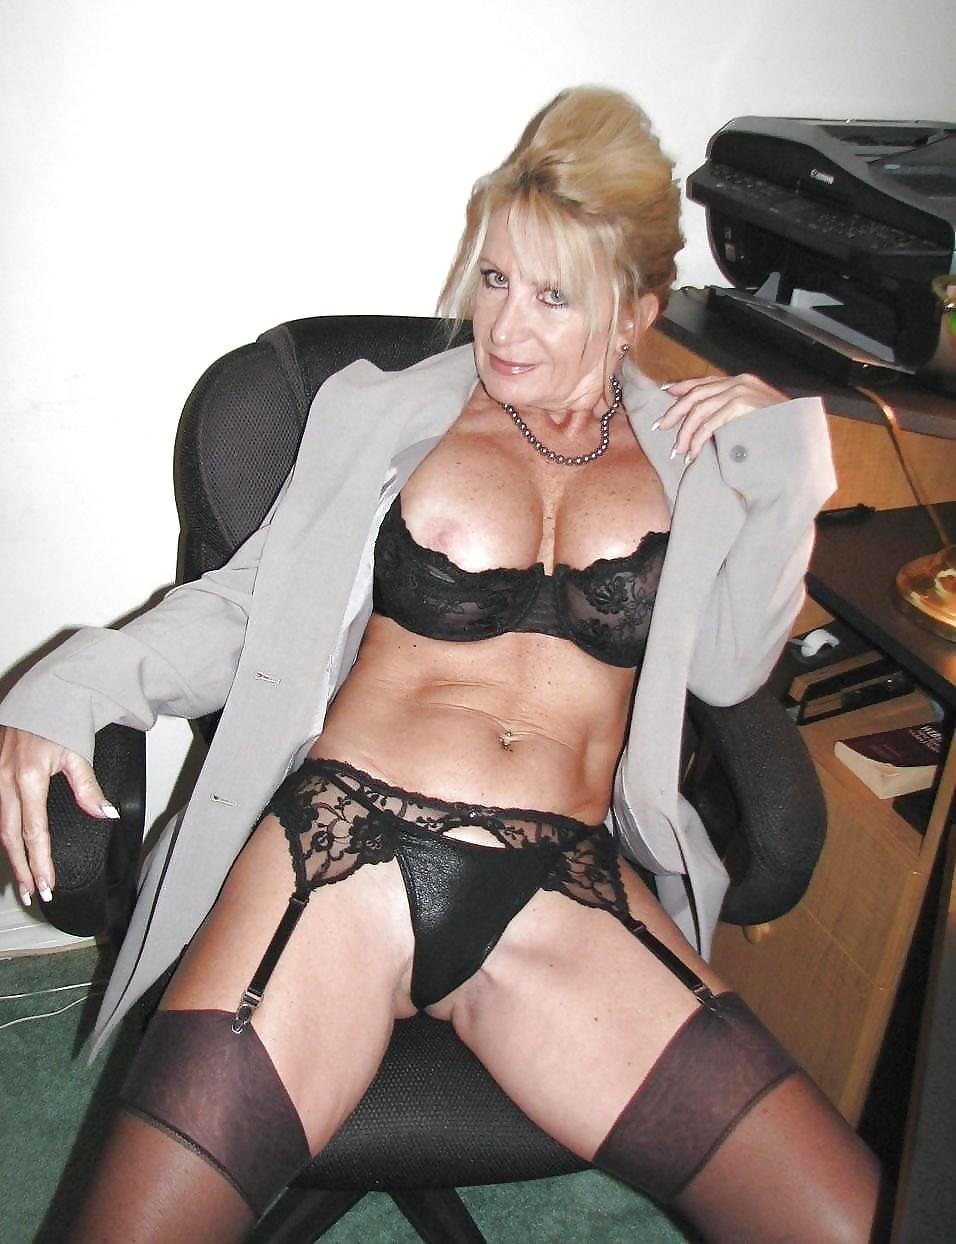 Gratis bilder på kvinnor mellan 50-80 år